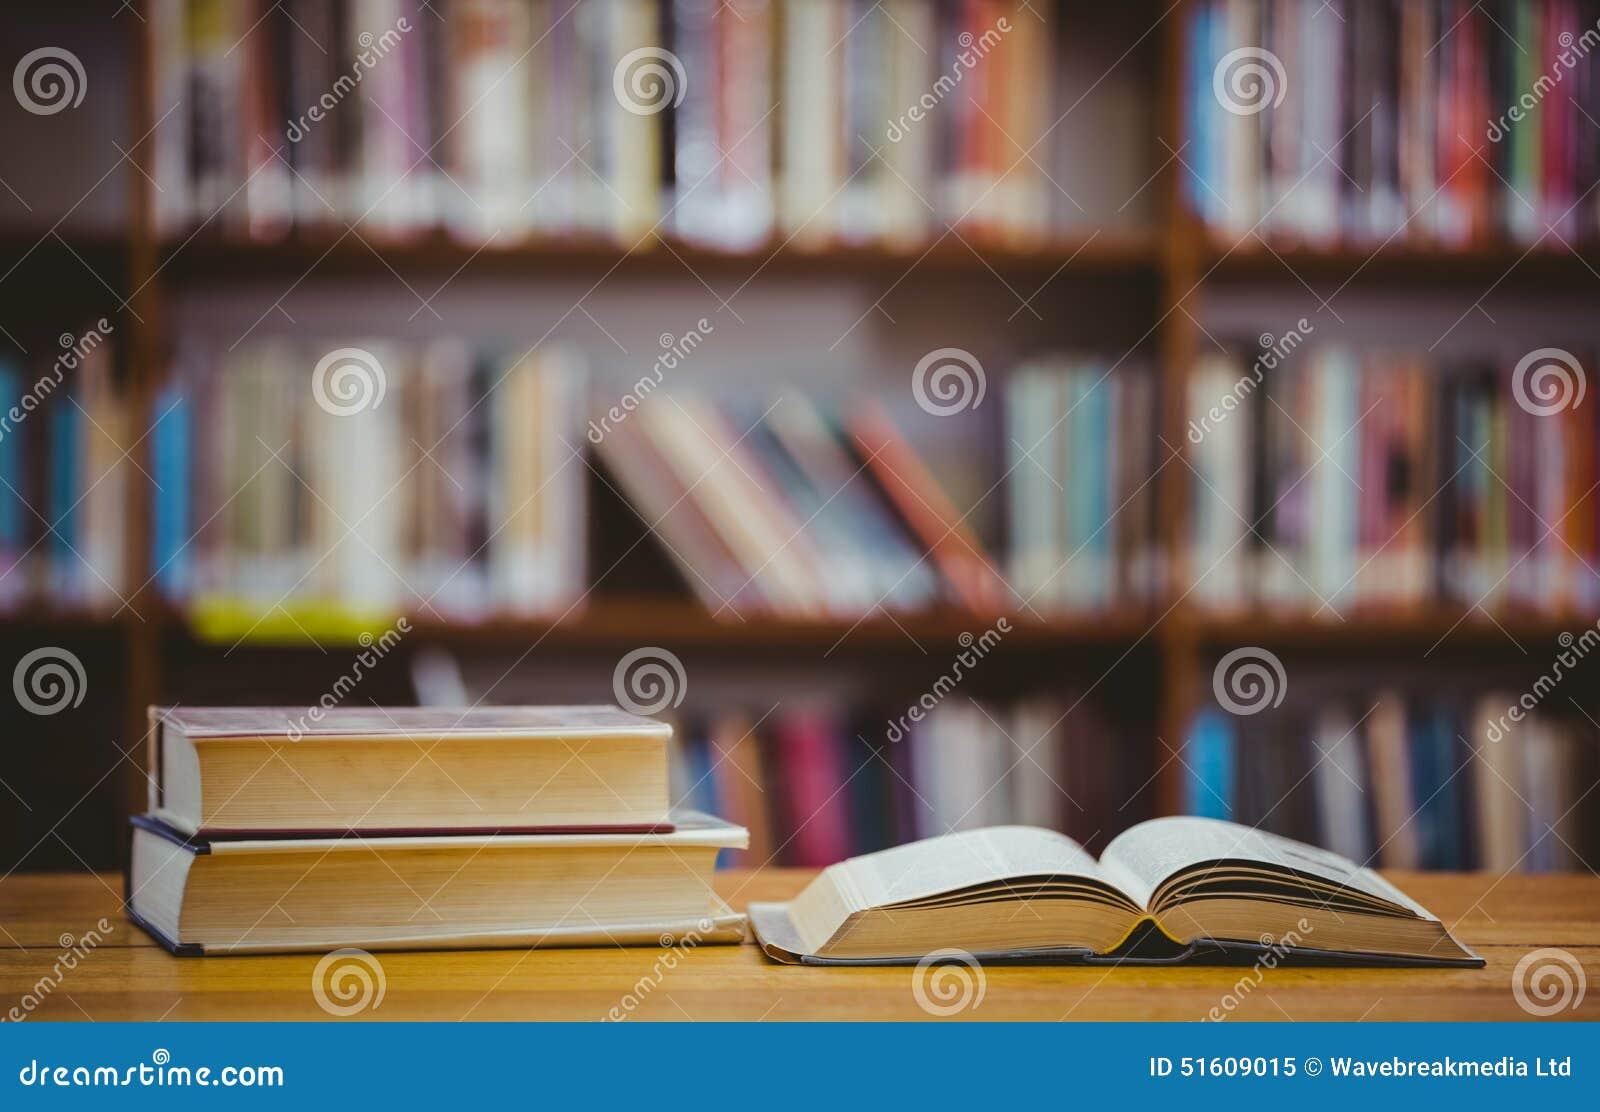 Bücher Auf Schreibtisch In Der Bibliothek Stockbild Bild Von